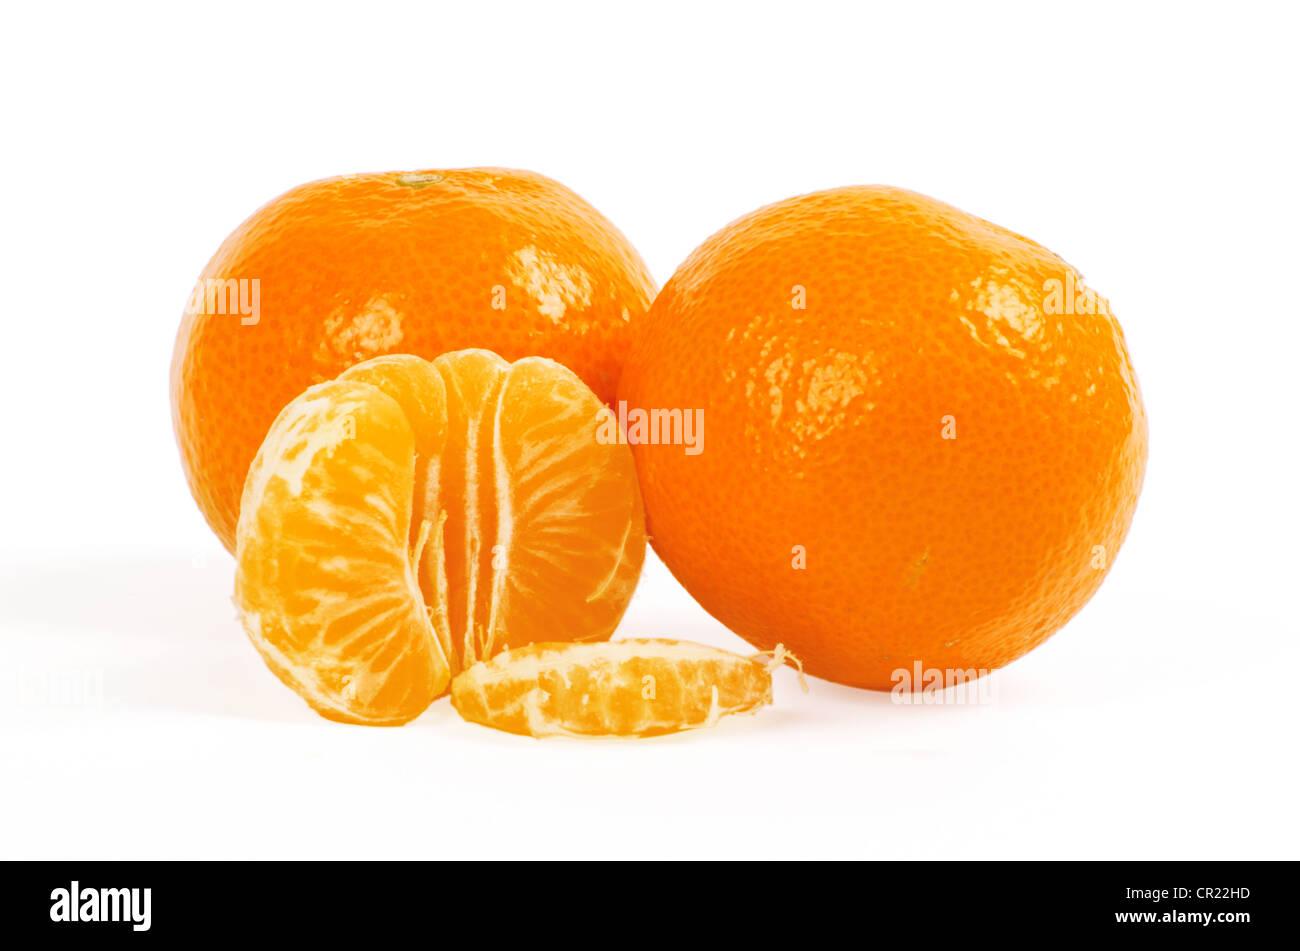 Mandarin isolated on white background - Stock Image